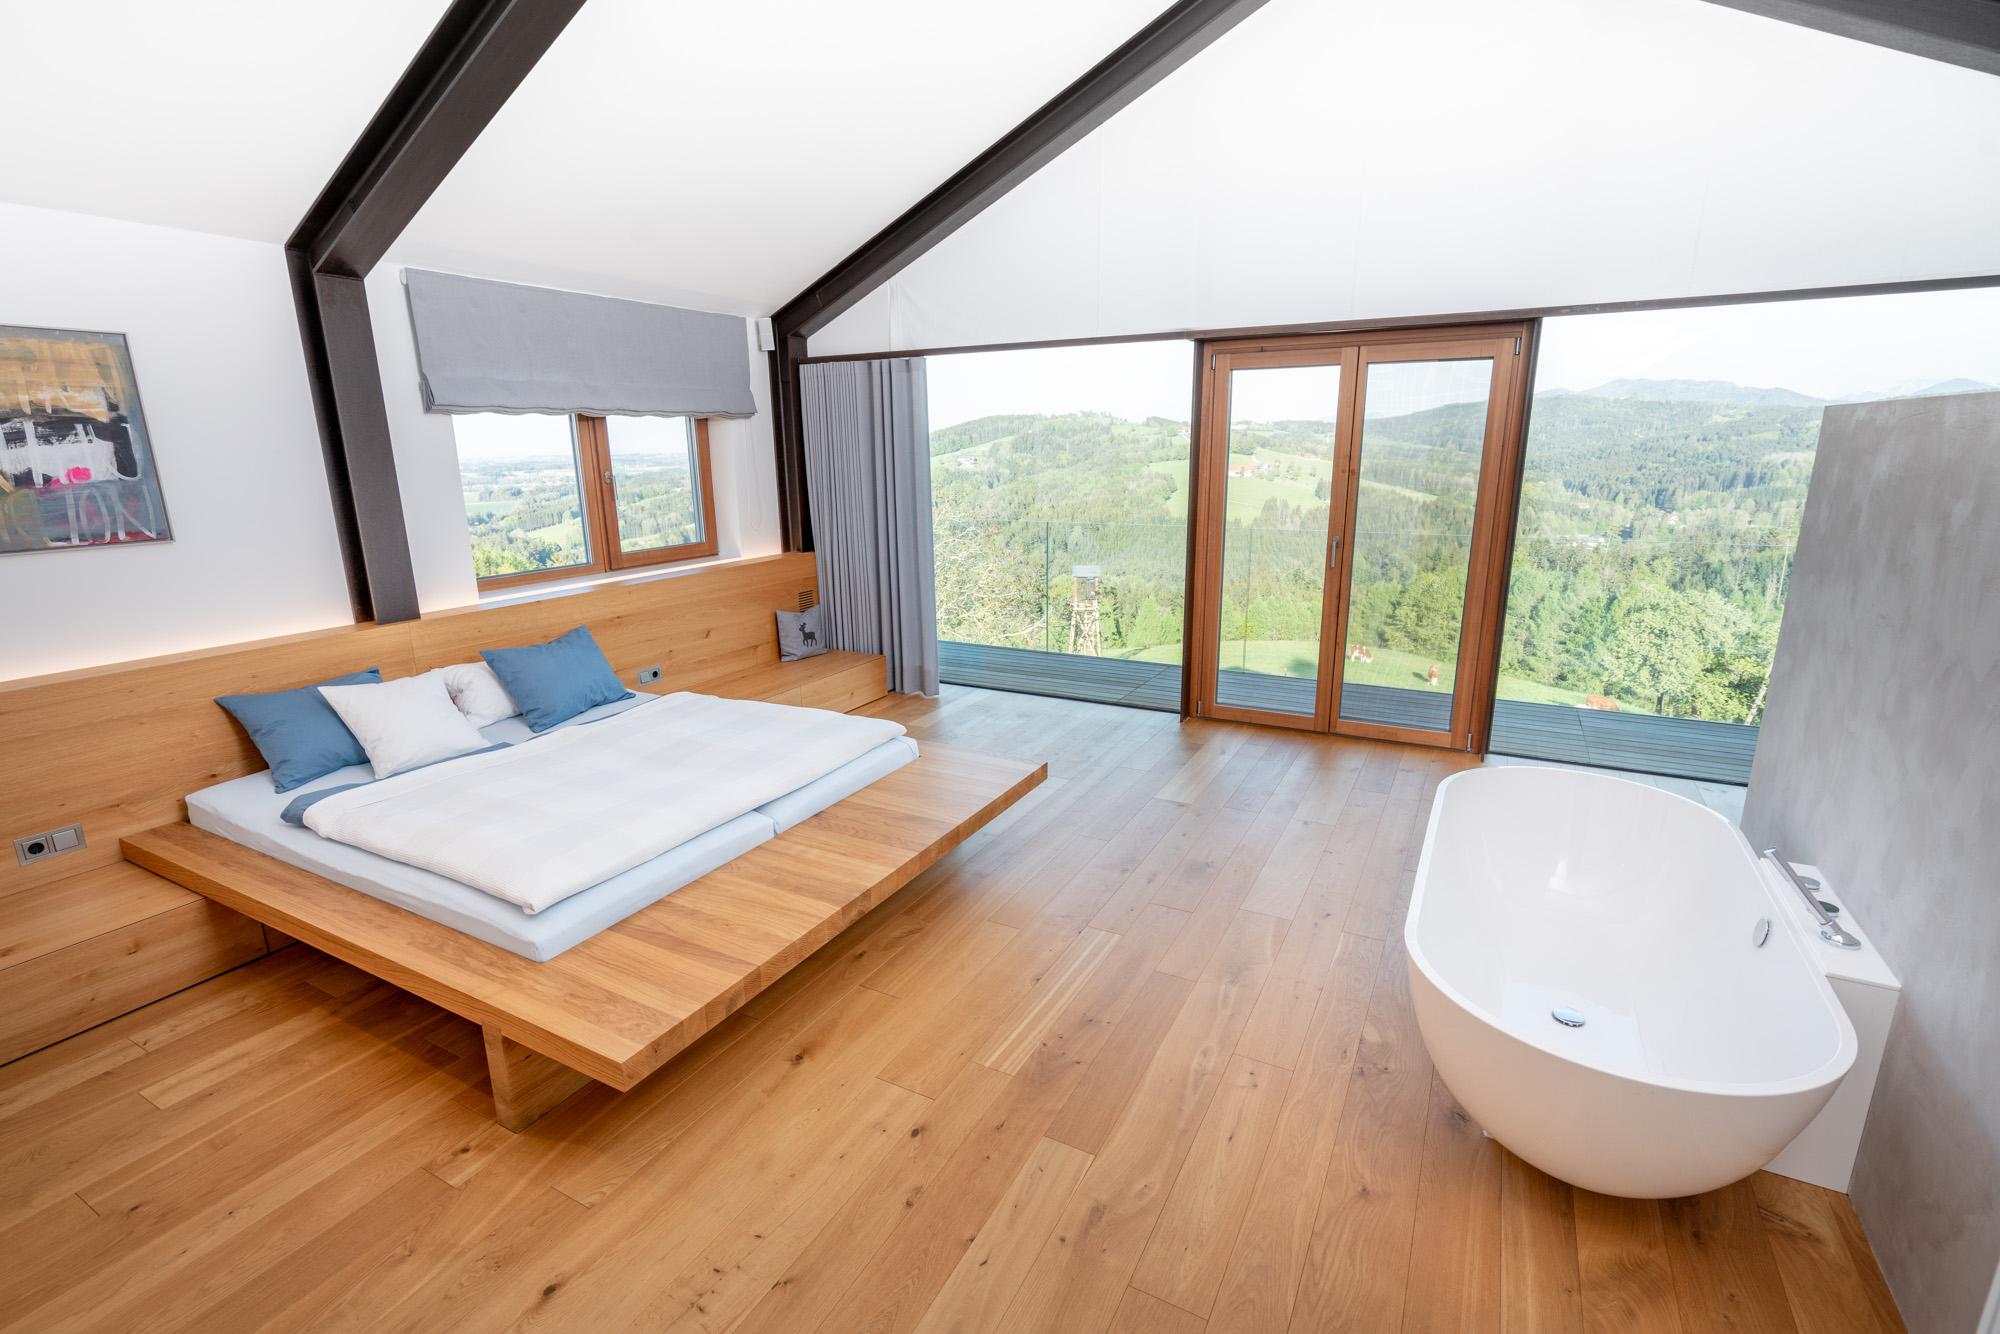 Schlafzimmer mit hochwertiger Wanne und Ausblick ins Salzkammergut